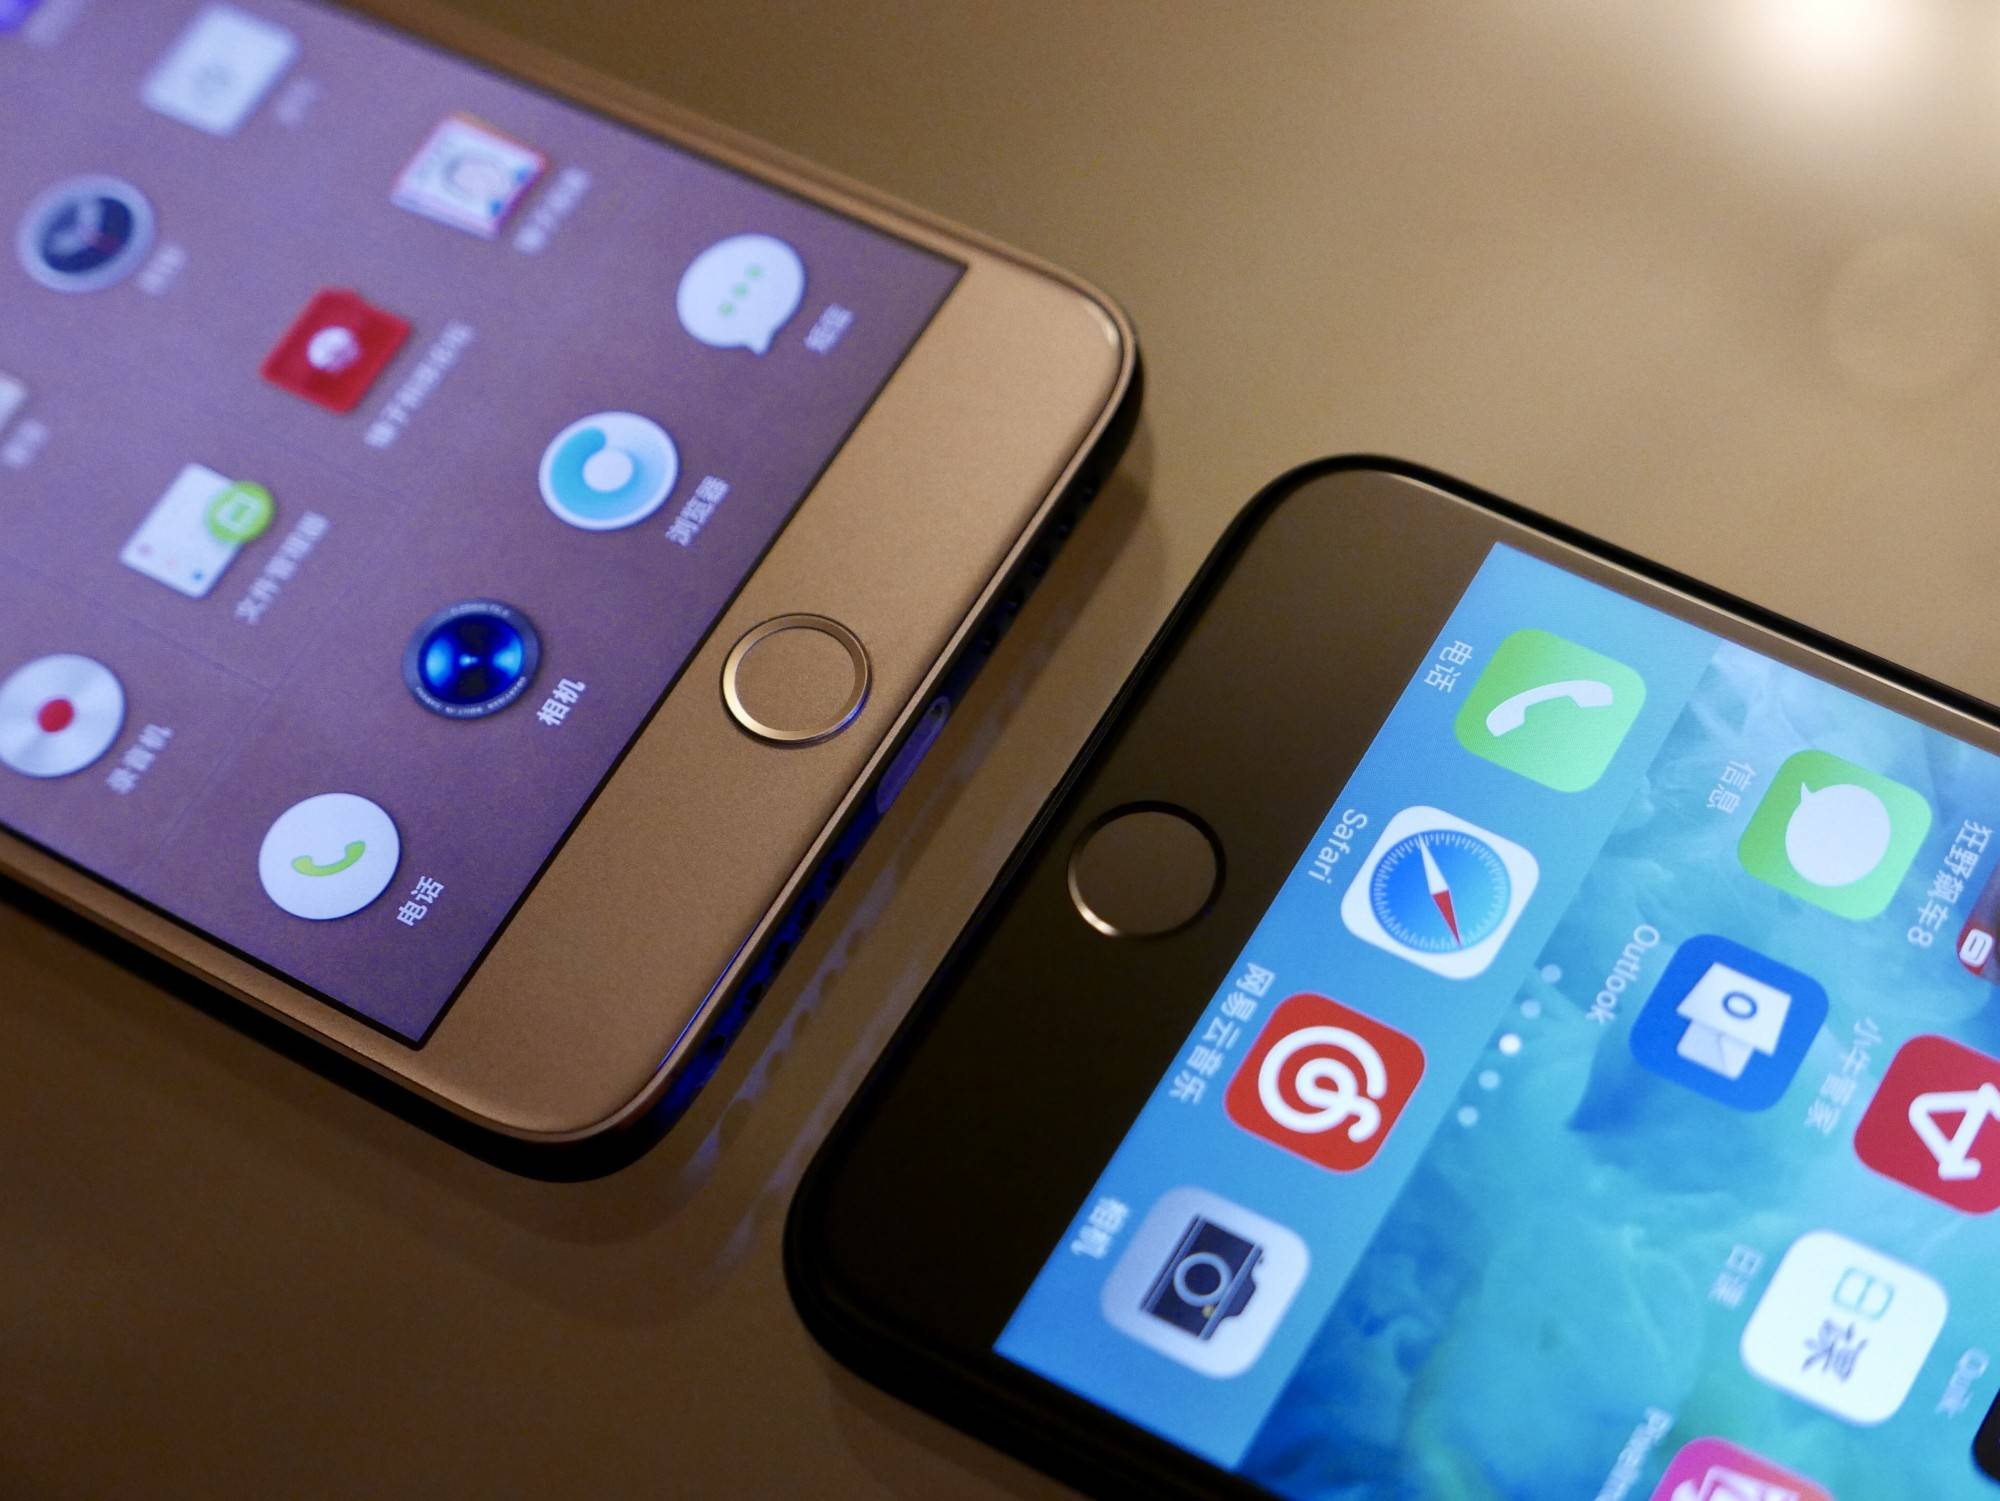 锤子 M1L 和 iPhone7 Plus Home 按键对比。